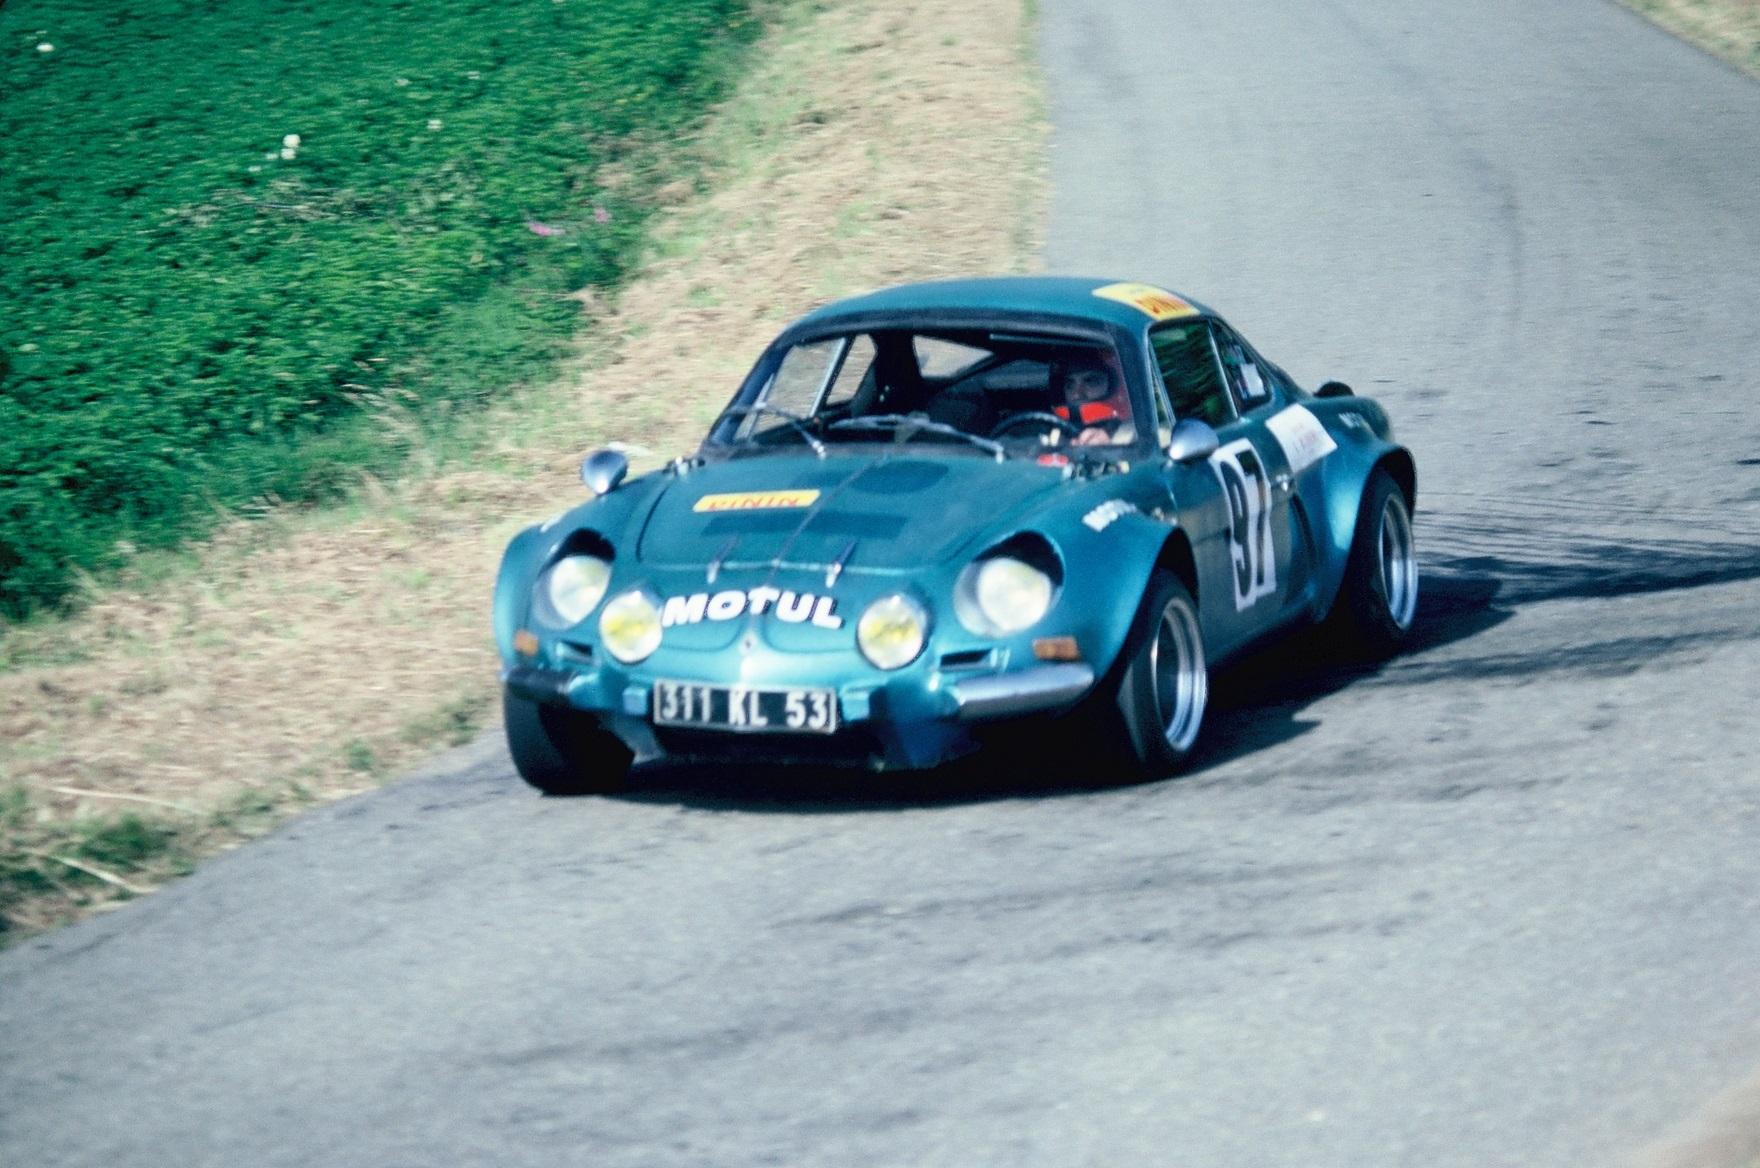 Tarrière - Alpine-groupe-5- 1977 - CC-Pluméliau - Photo-Thierry-Le-Bras